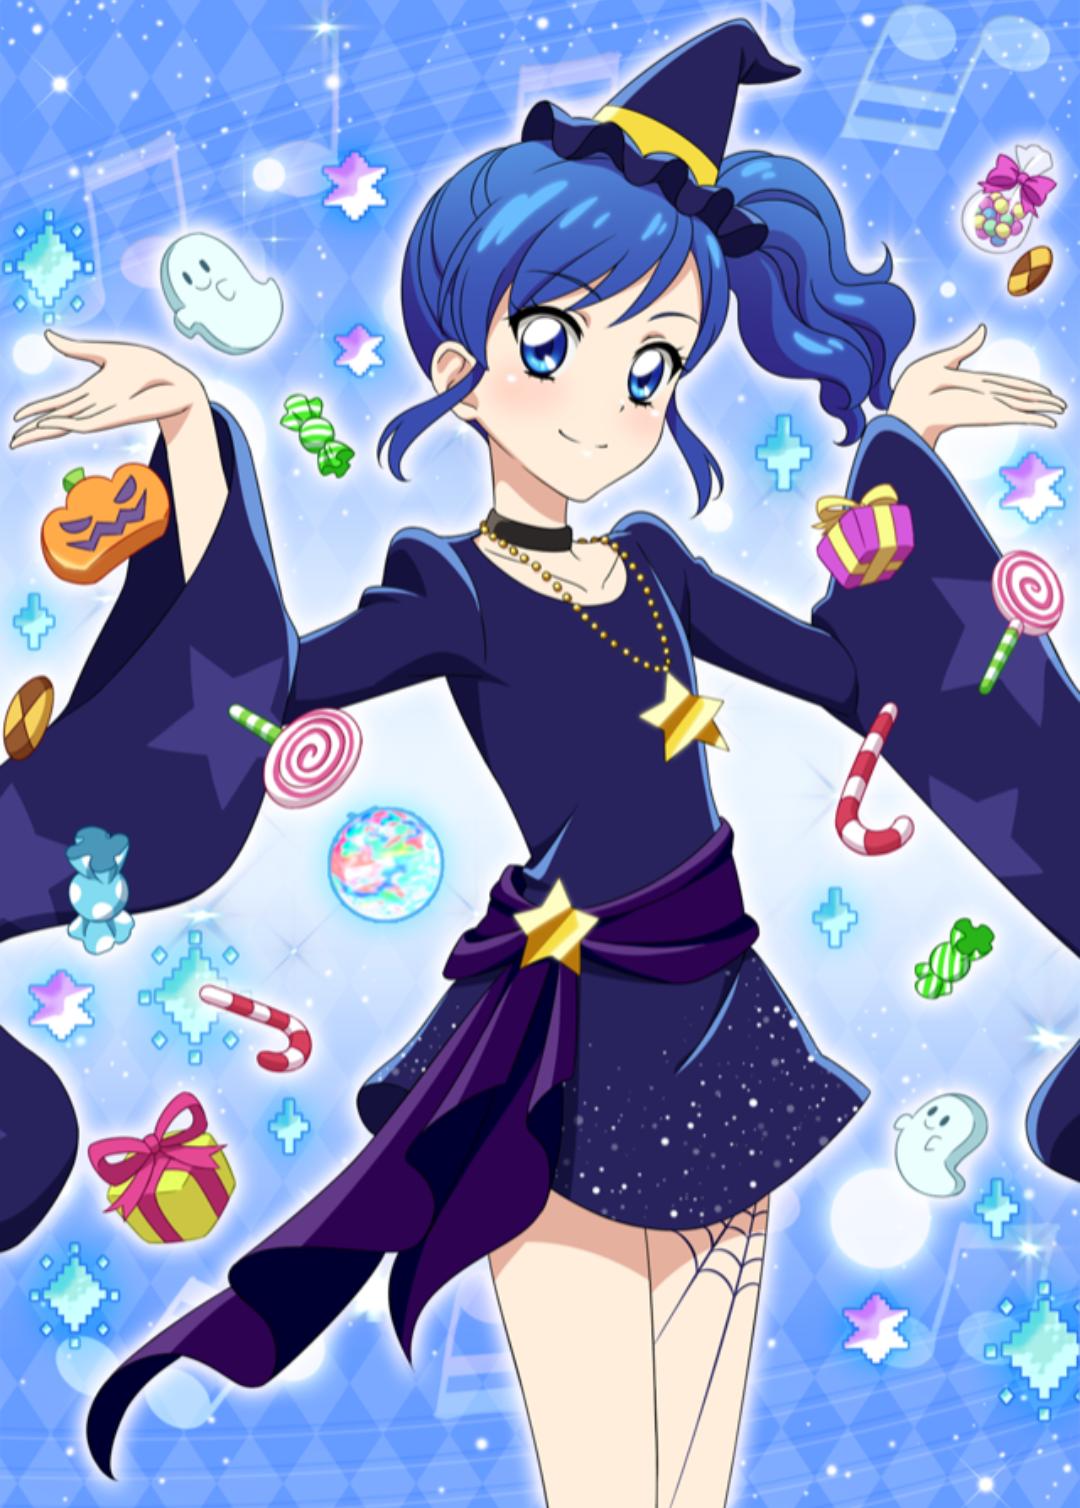 [ようこそおかしの家へ]霧矢 あおい アニメ魔女, アニメの女の子, かわいいアニメガール